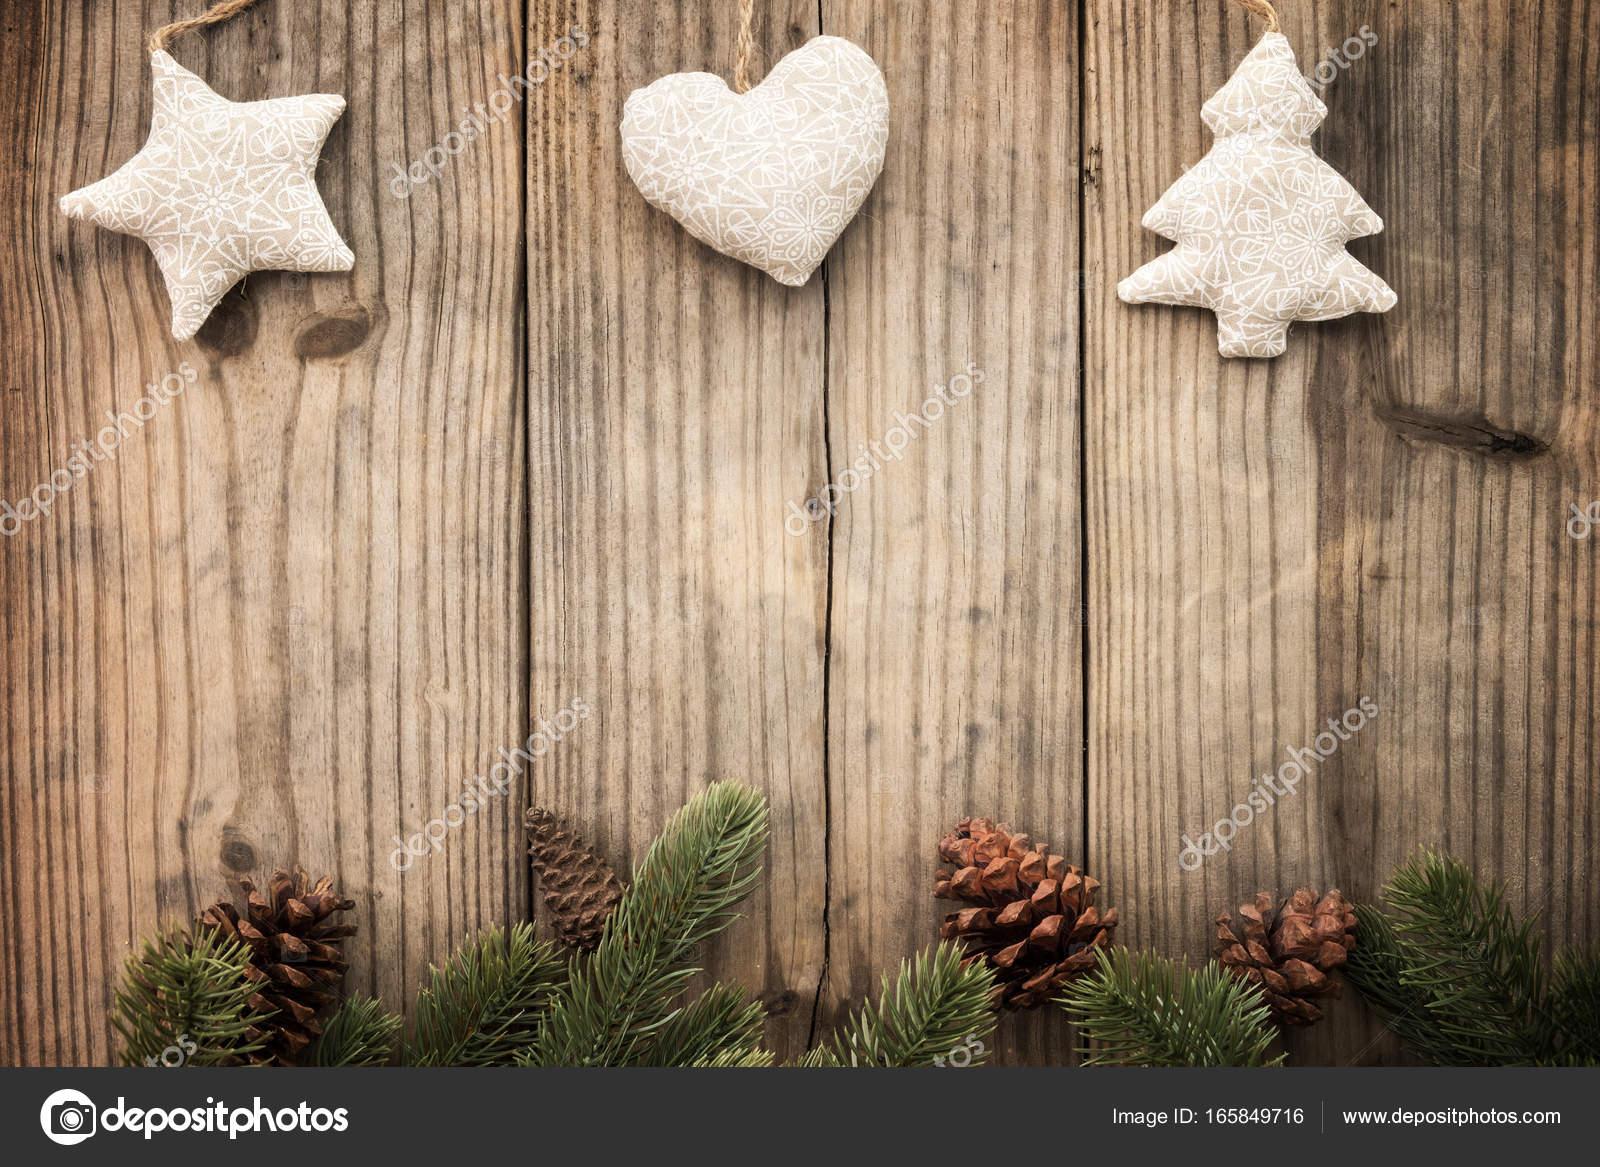 Weihnachten rustikalen Hintergrund — Stockfoto © jakkapan #165849716